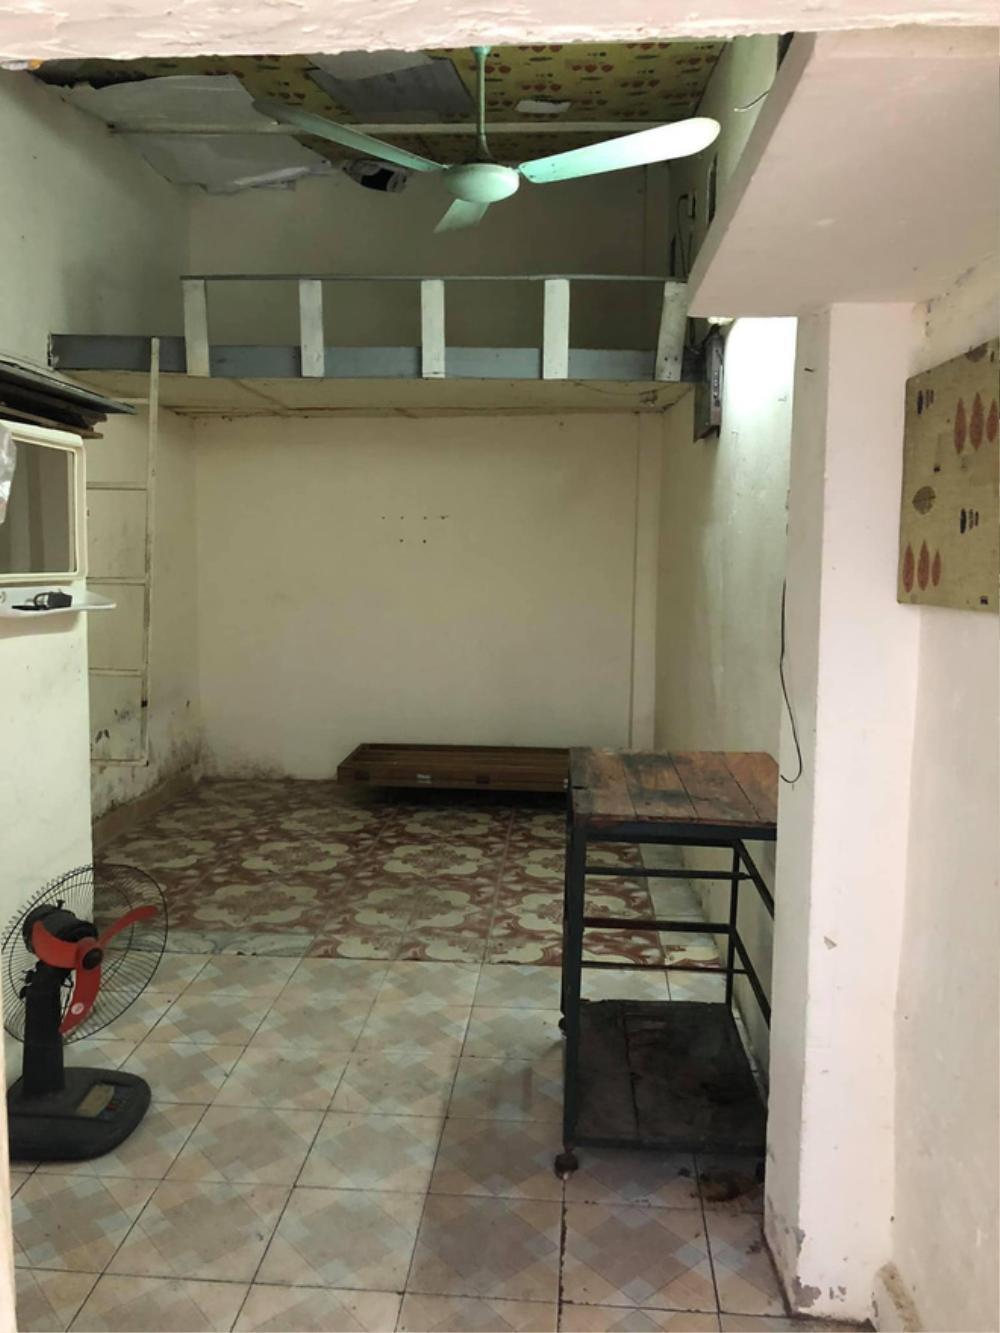 Giật mình với căn nhà cho sinh viên thuê: Giá thành đắt đỏ, xuống cấp trầm trọng như nhà bỏ hoang Ảnh 3